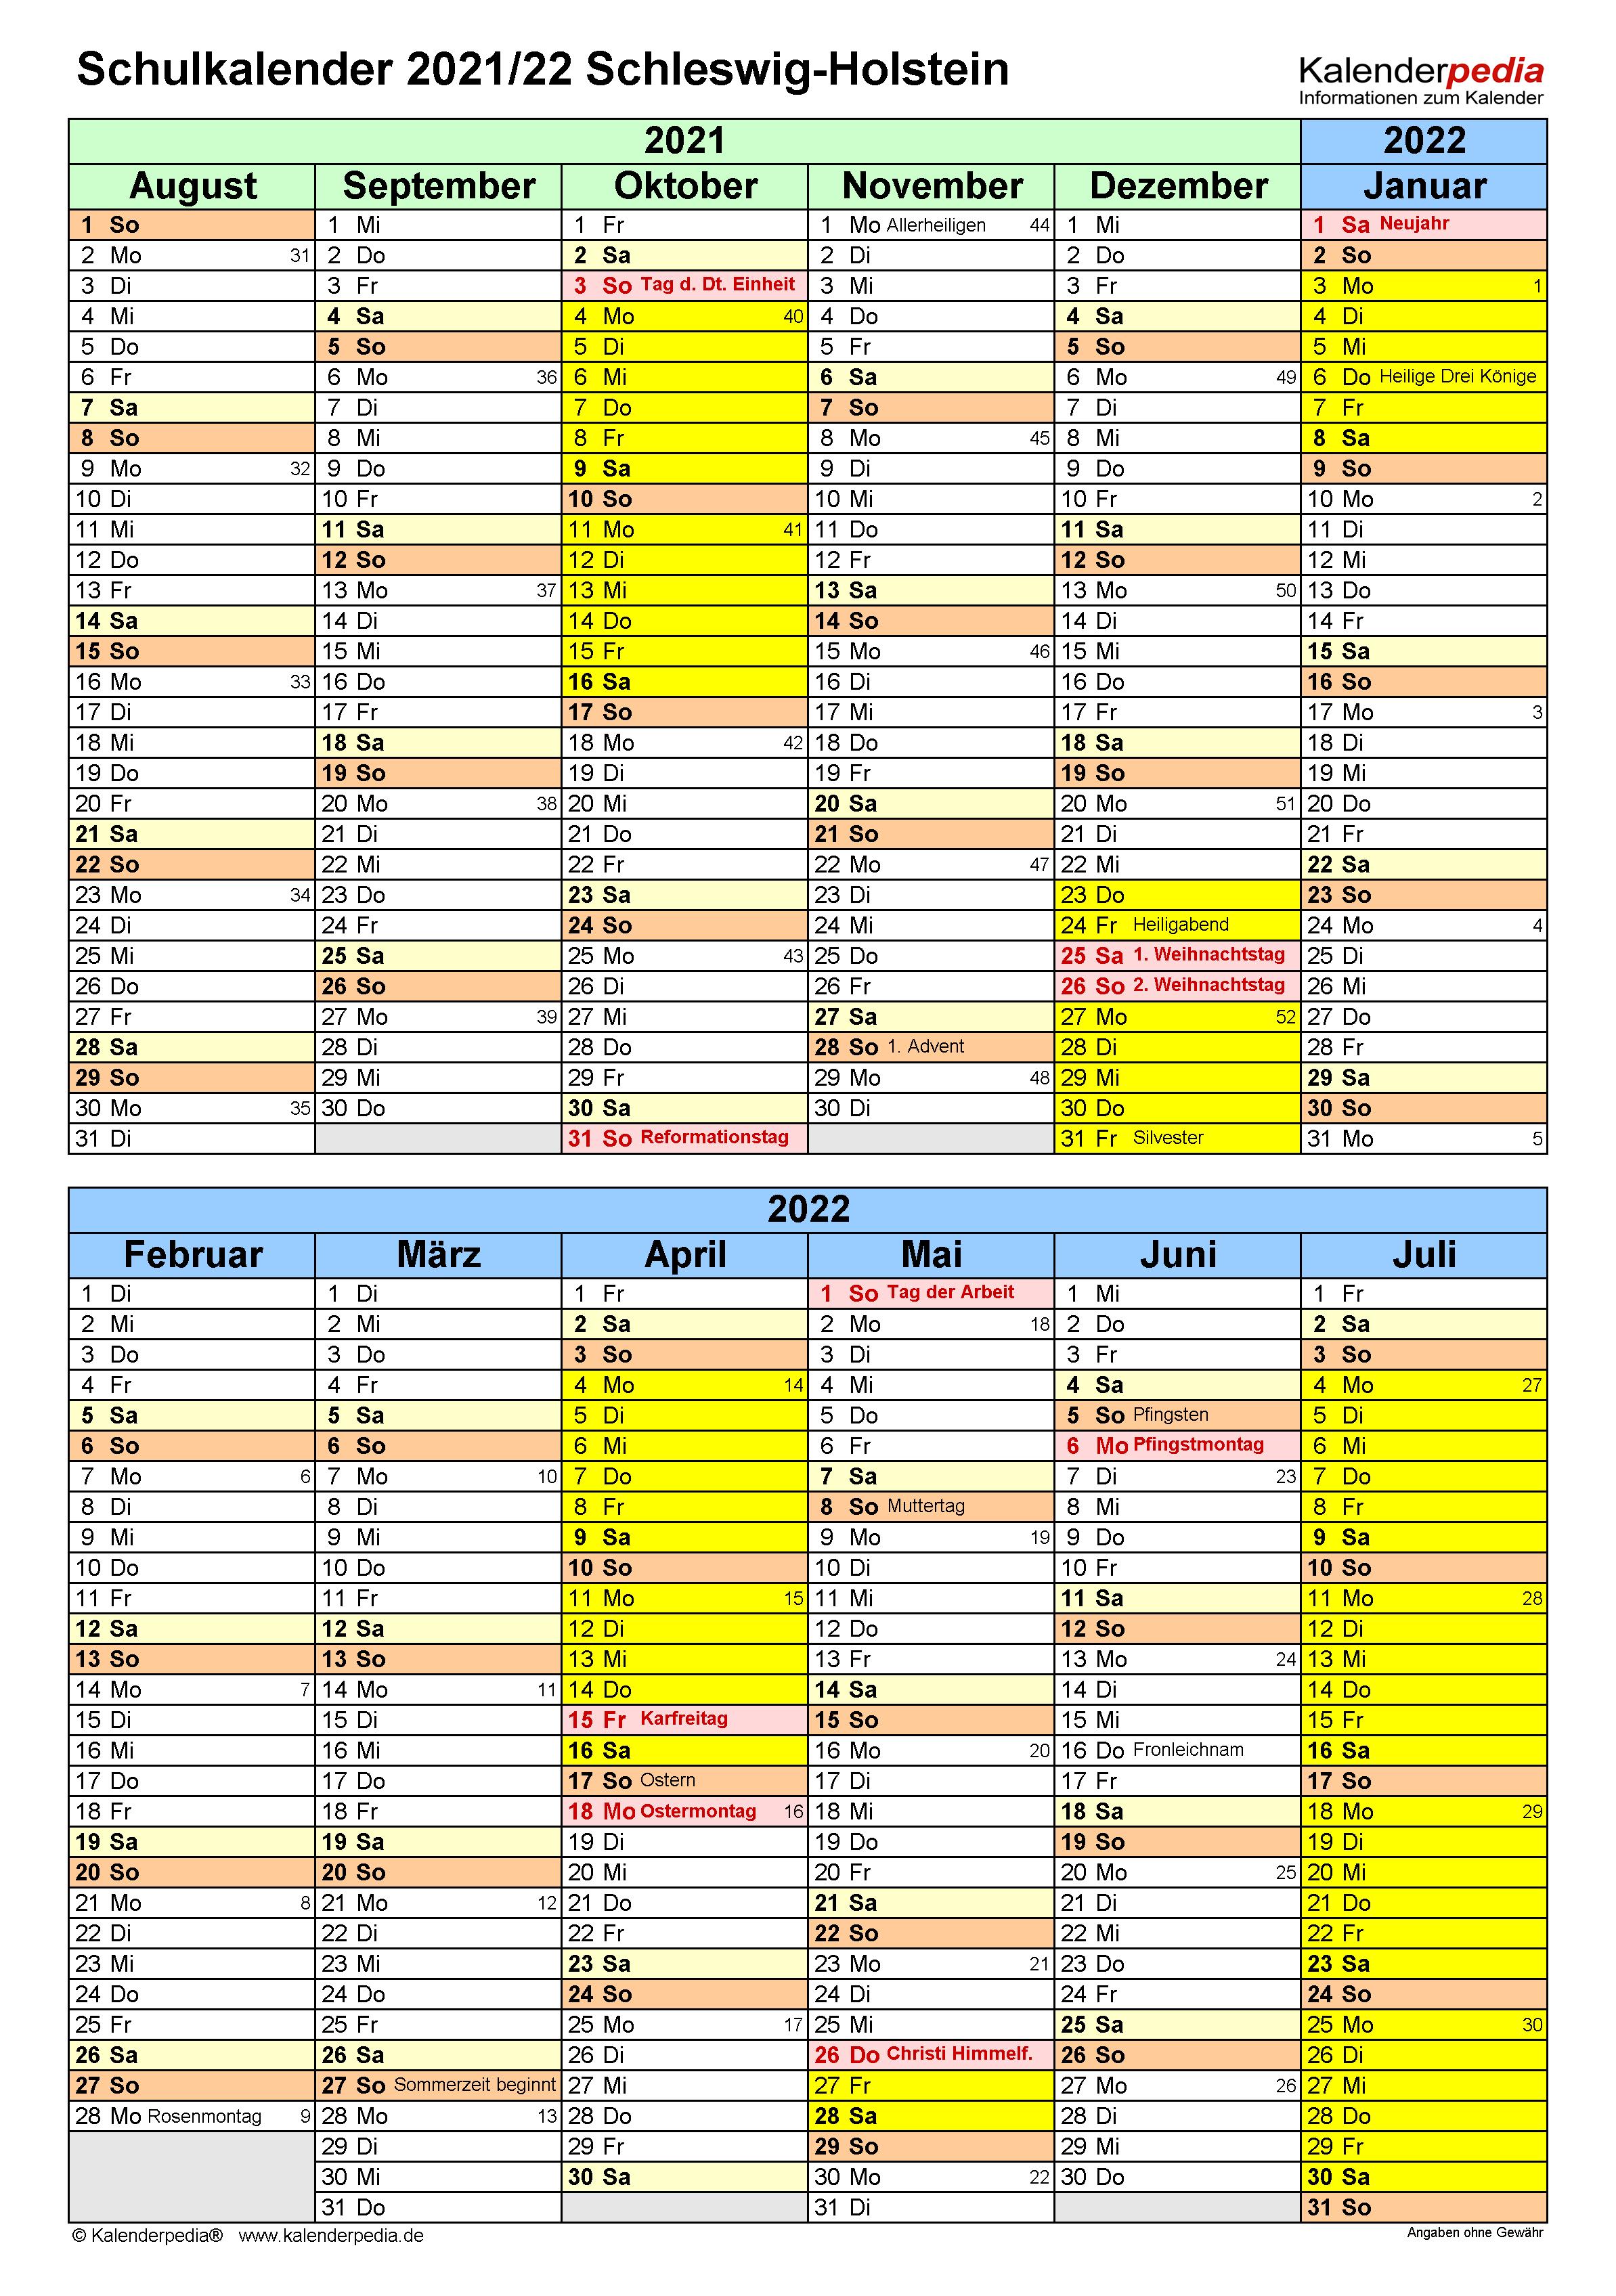 Schulkalender 2021/2022 Schleswig-Holstein für Excel